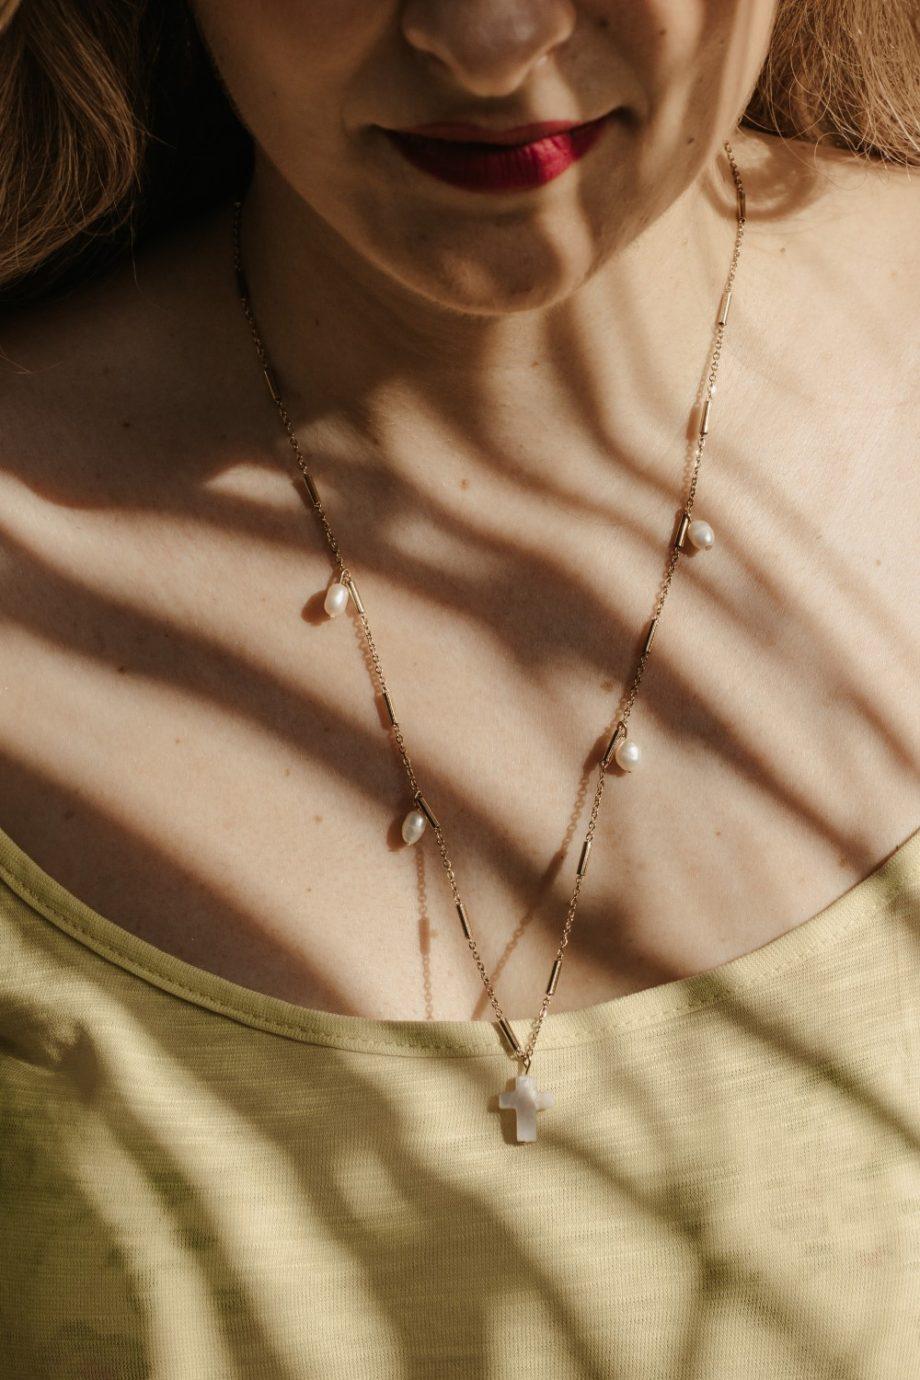 Γυναικείο κολιέ σταυρός με μαργαριτάρια καλλιέργειας